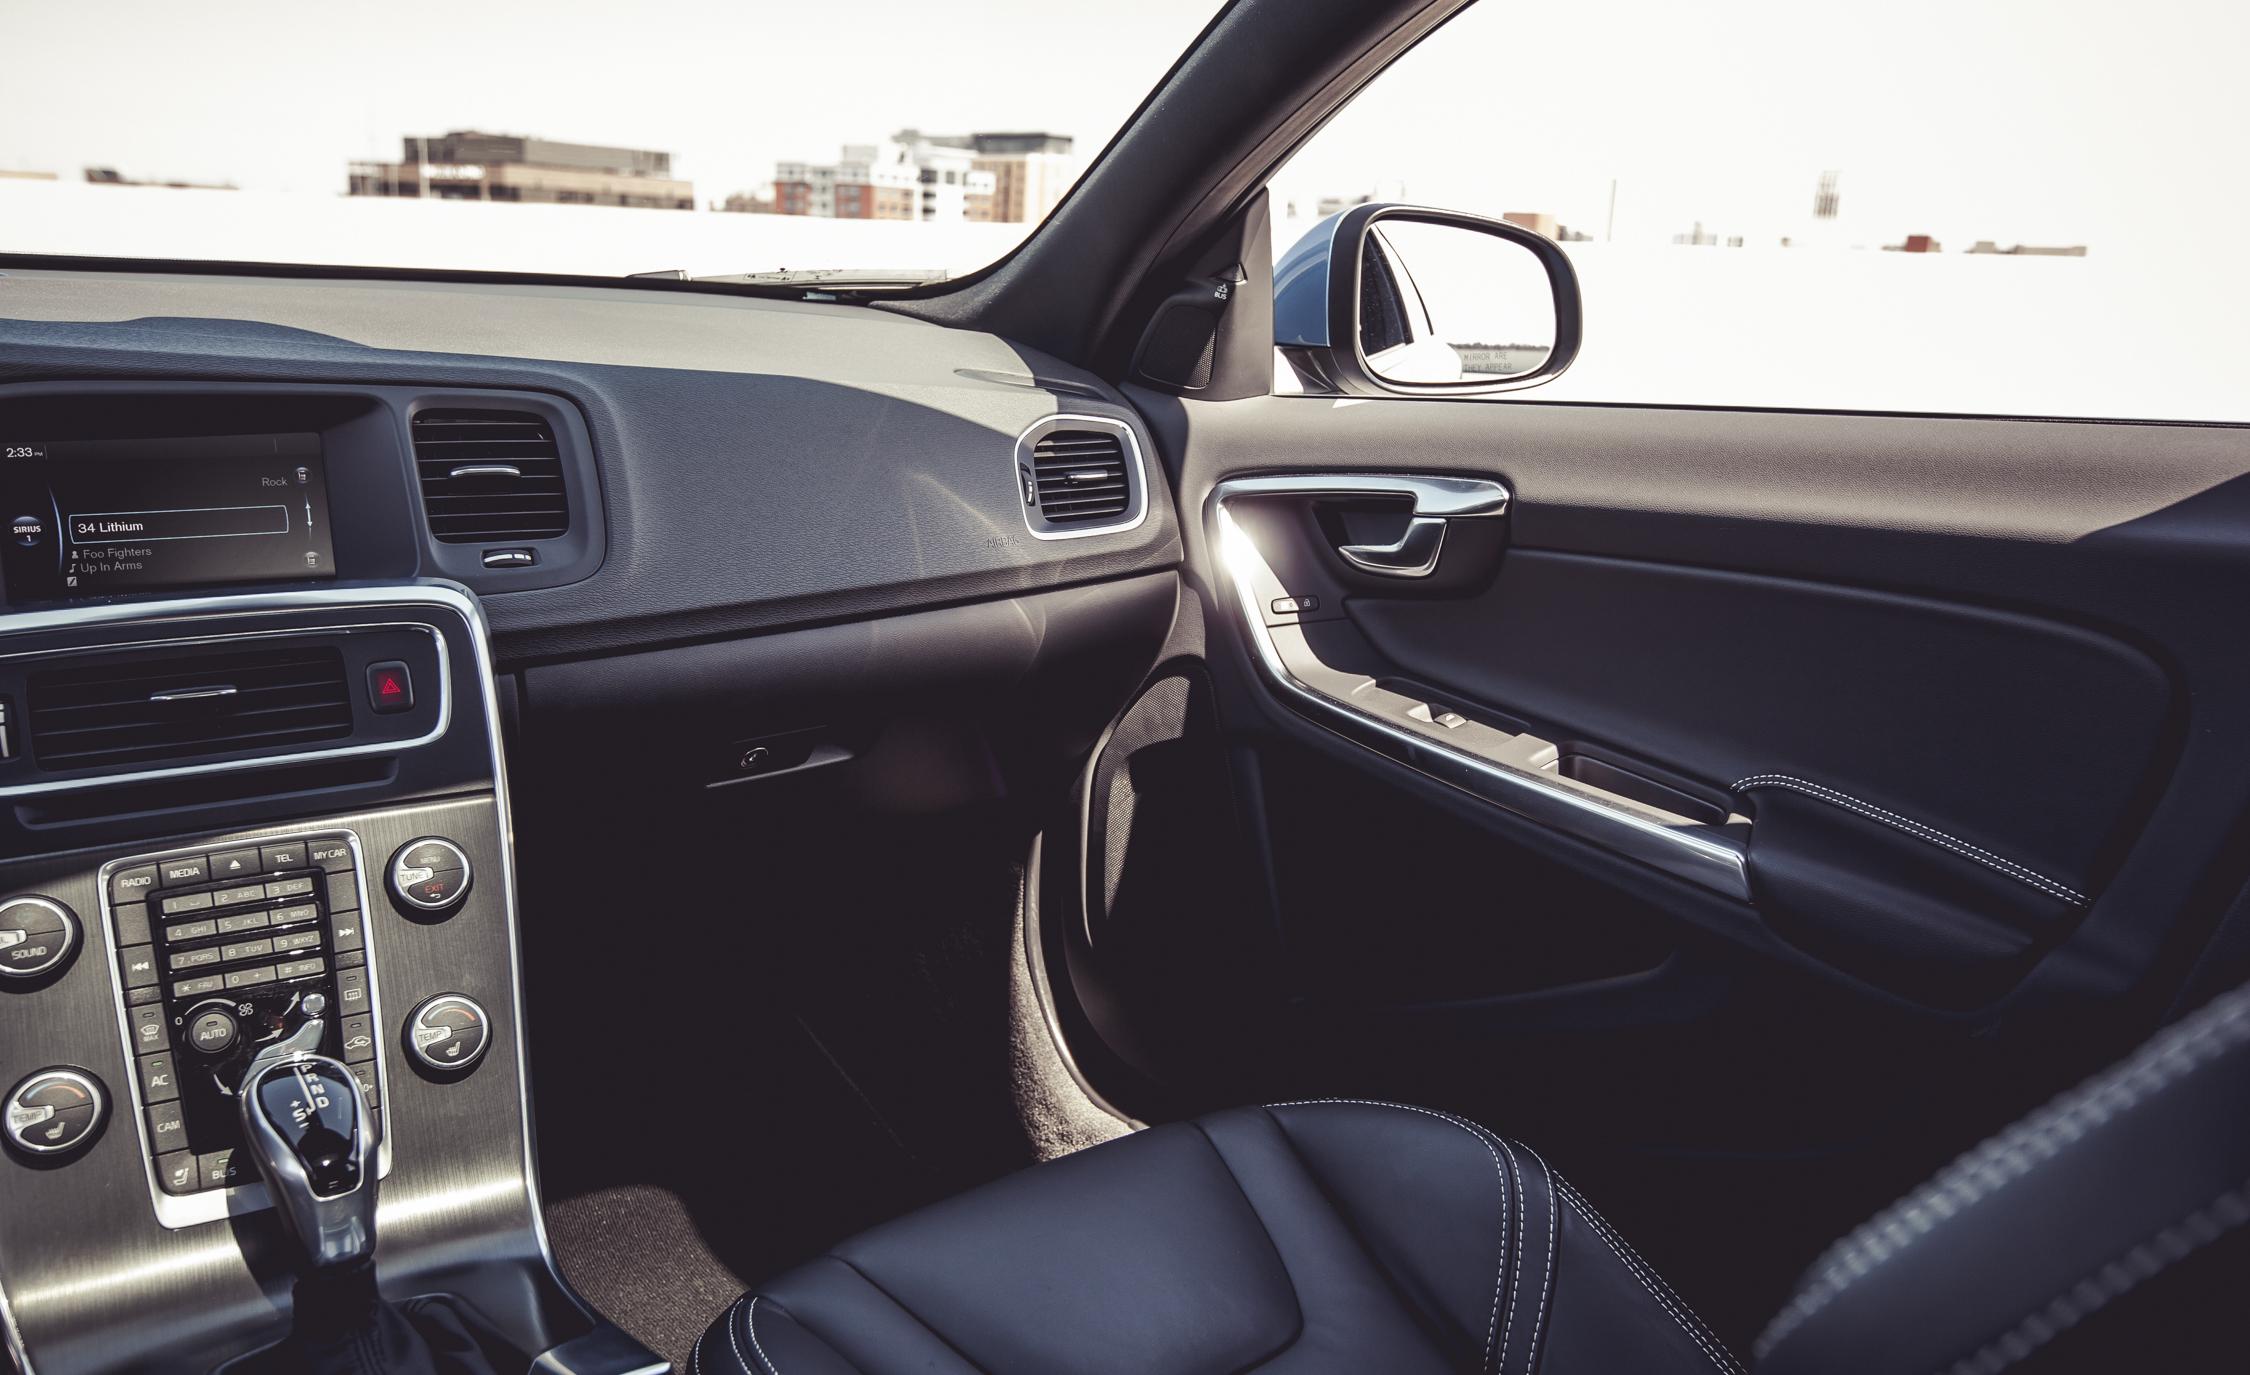 2015 Volvo V60 Interior Passenger Dash